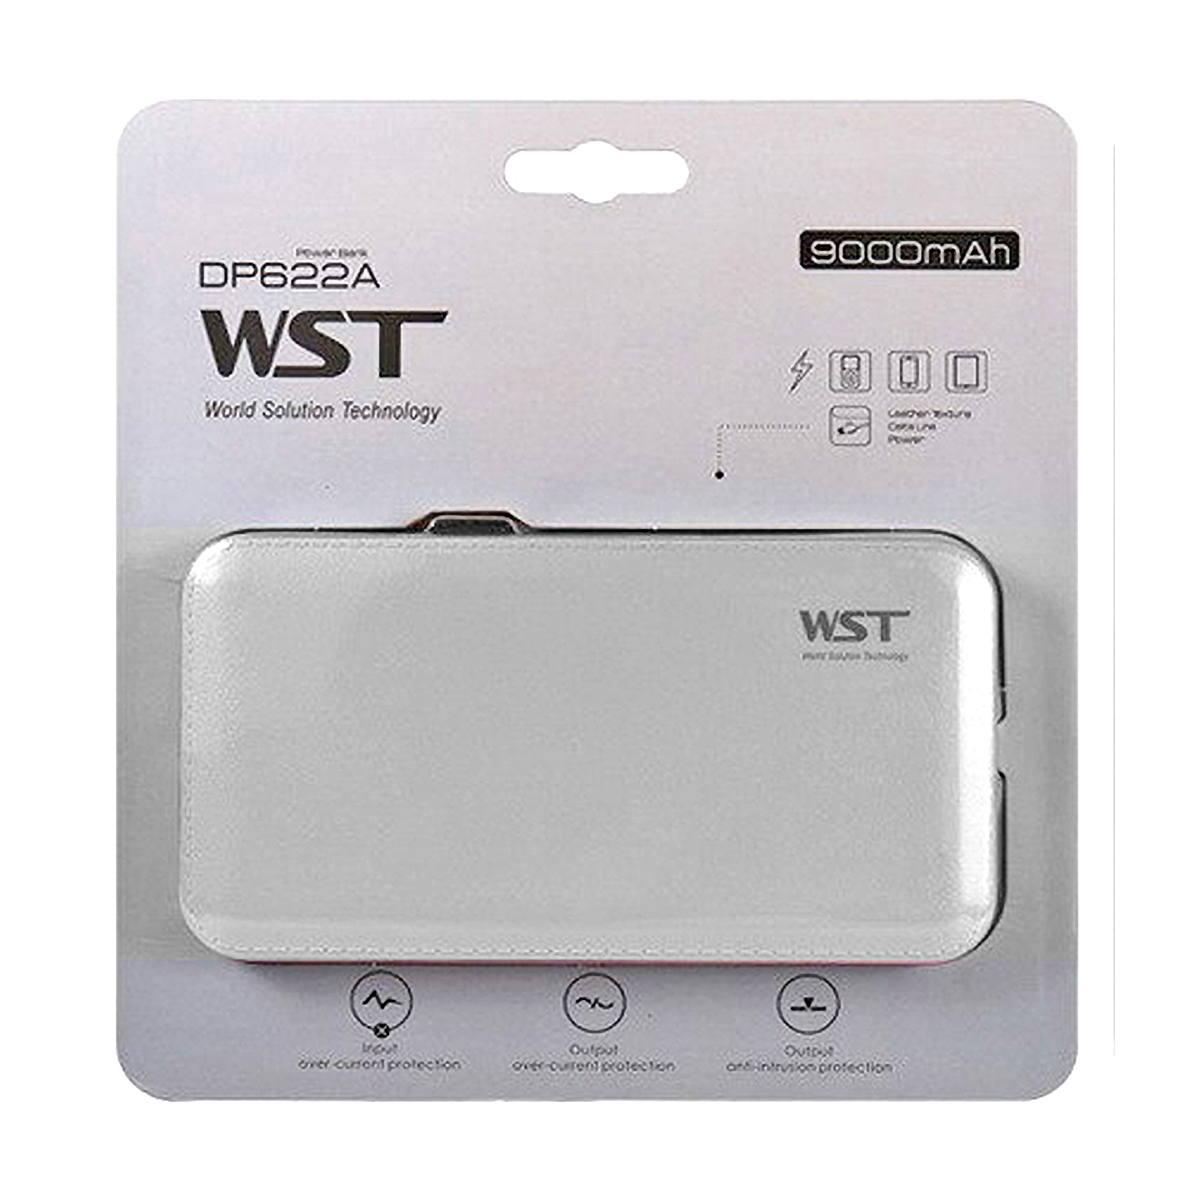 Carregador Portátil 9000mAh com Cabo de Conexão Micro USB V8 Power Bank WST DP622A Branco